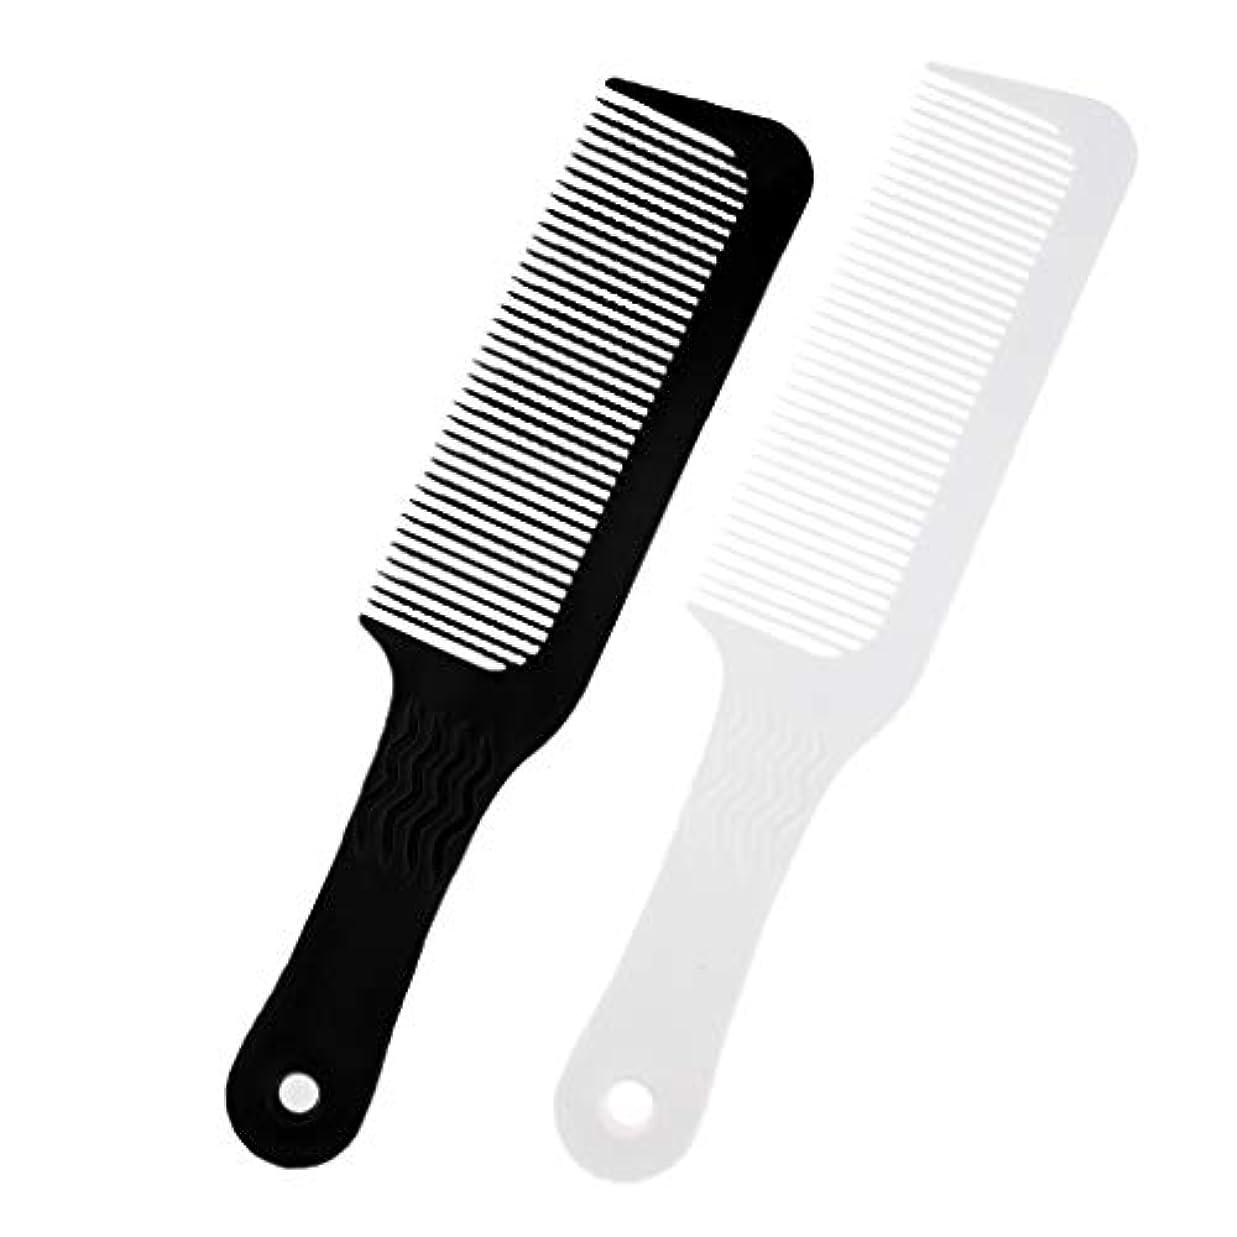 保持測る競争力のあるToygogo プロ3ピース理髪サロンフラットトップクリッパーくし美容師スタイリング切削デタングルブラシツール